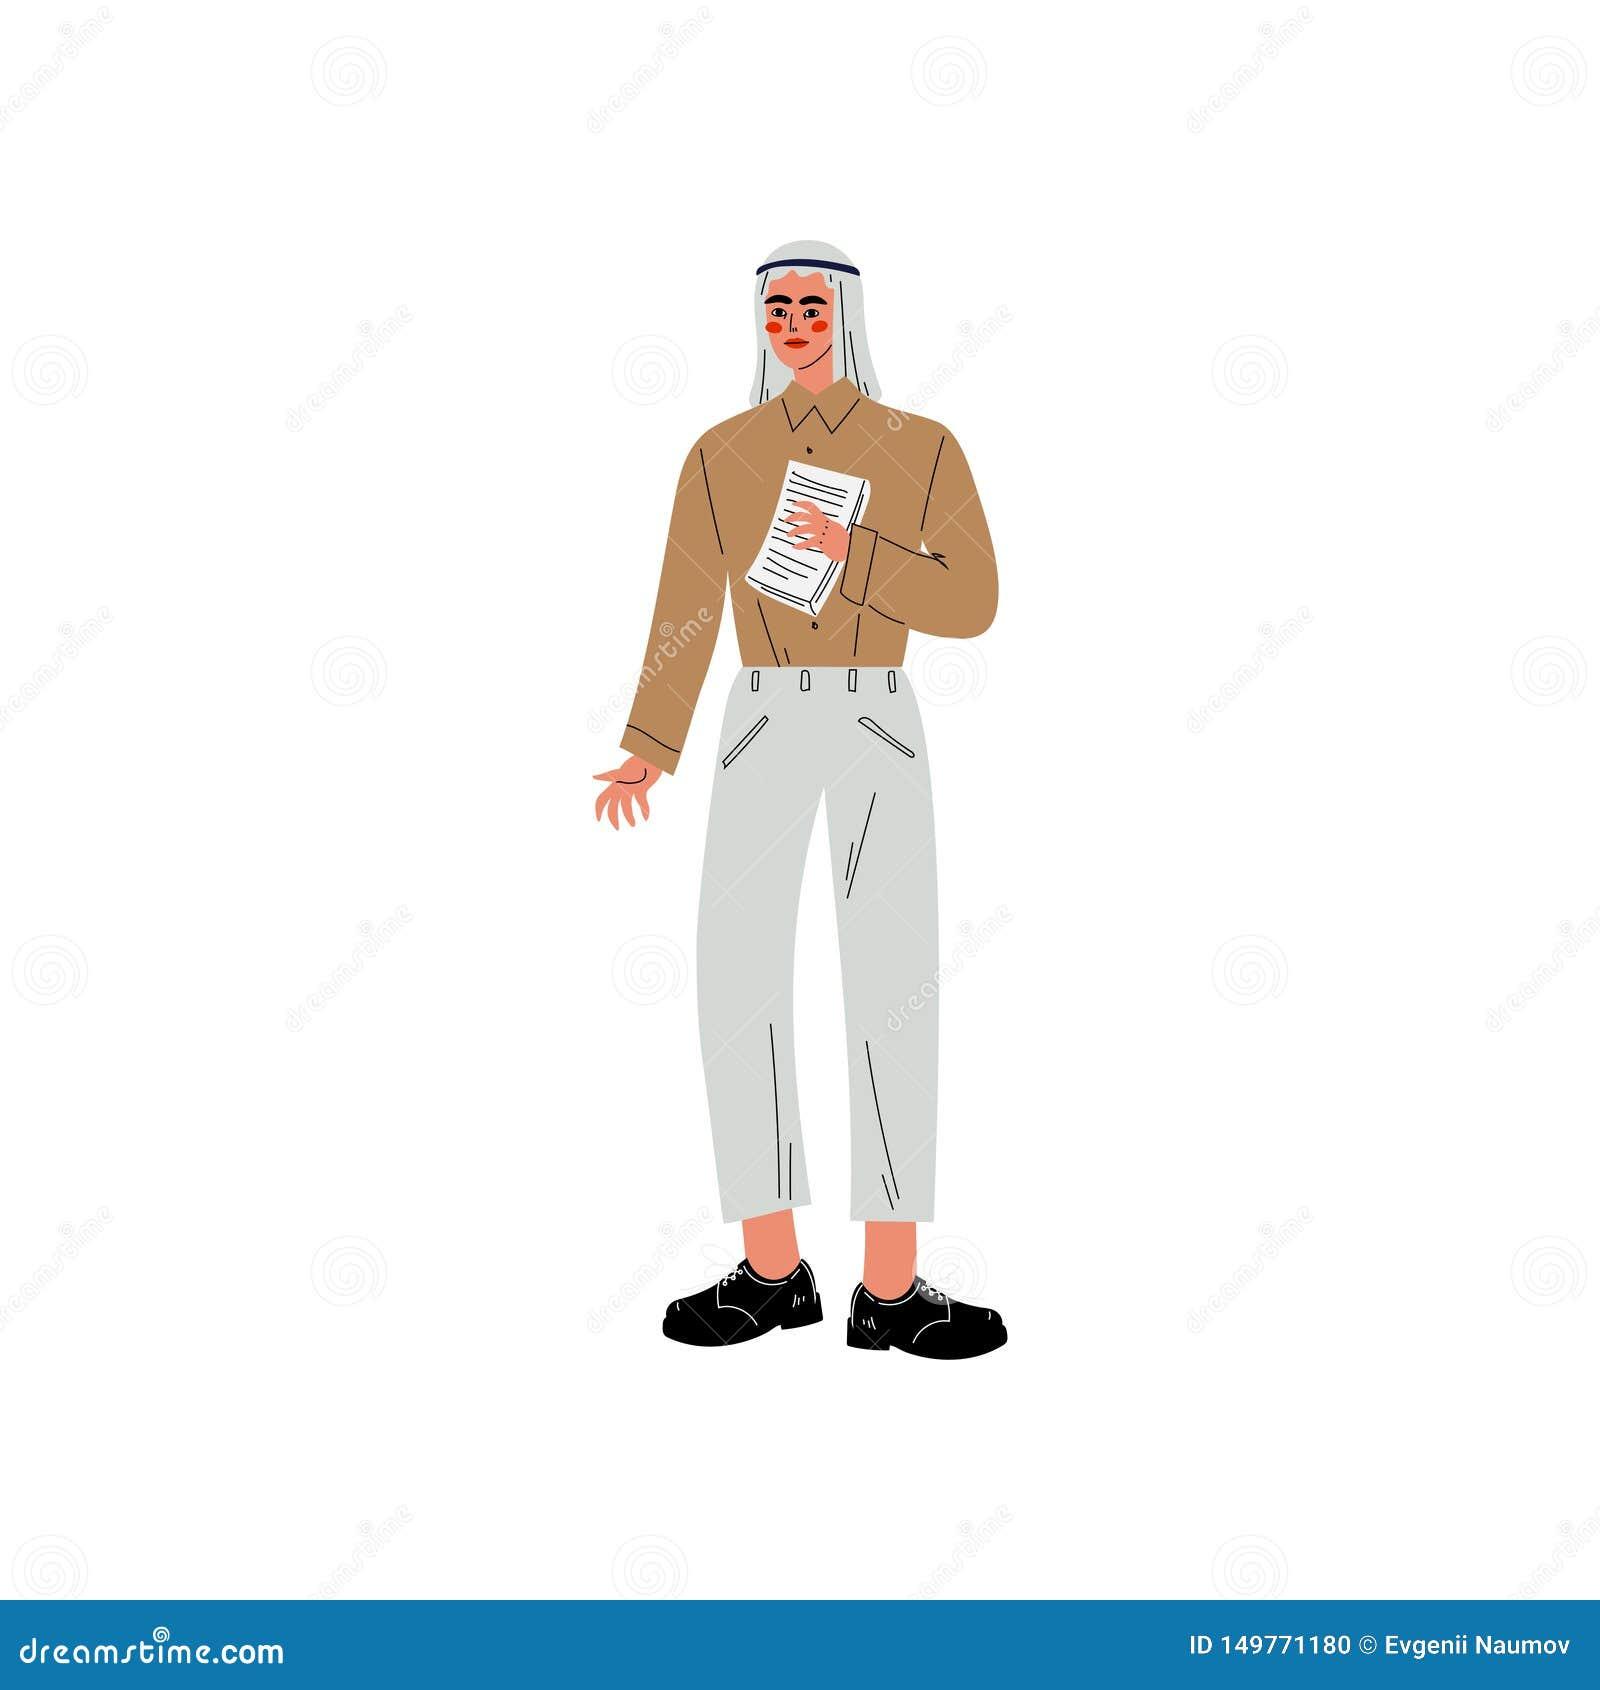 Арабская иллюстрация вектора характера бизнесмена, работника офиса, предпринимателя или менеджера